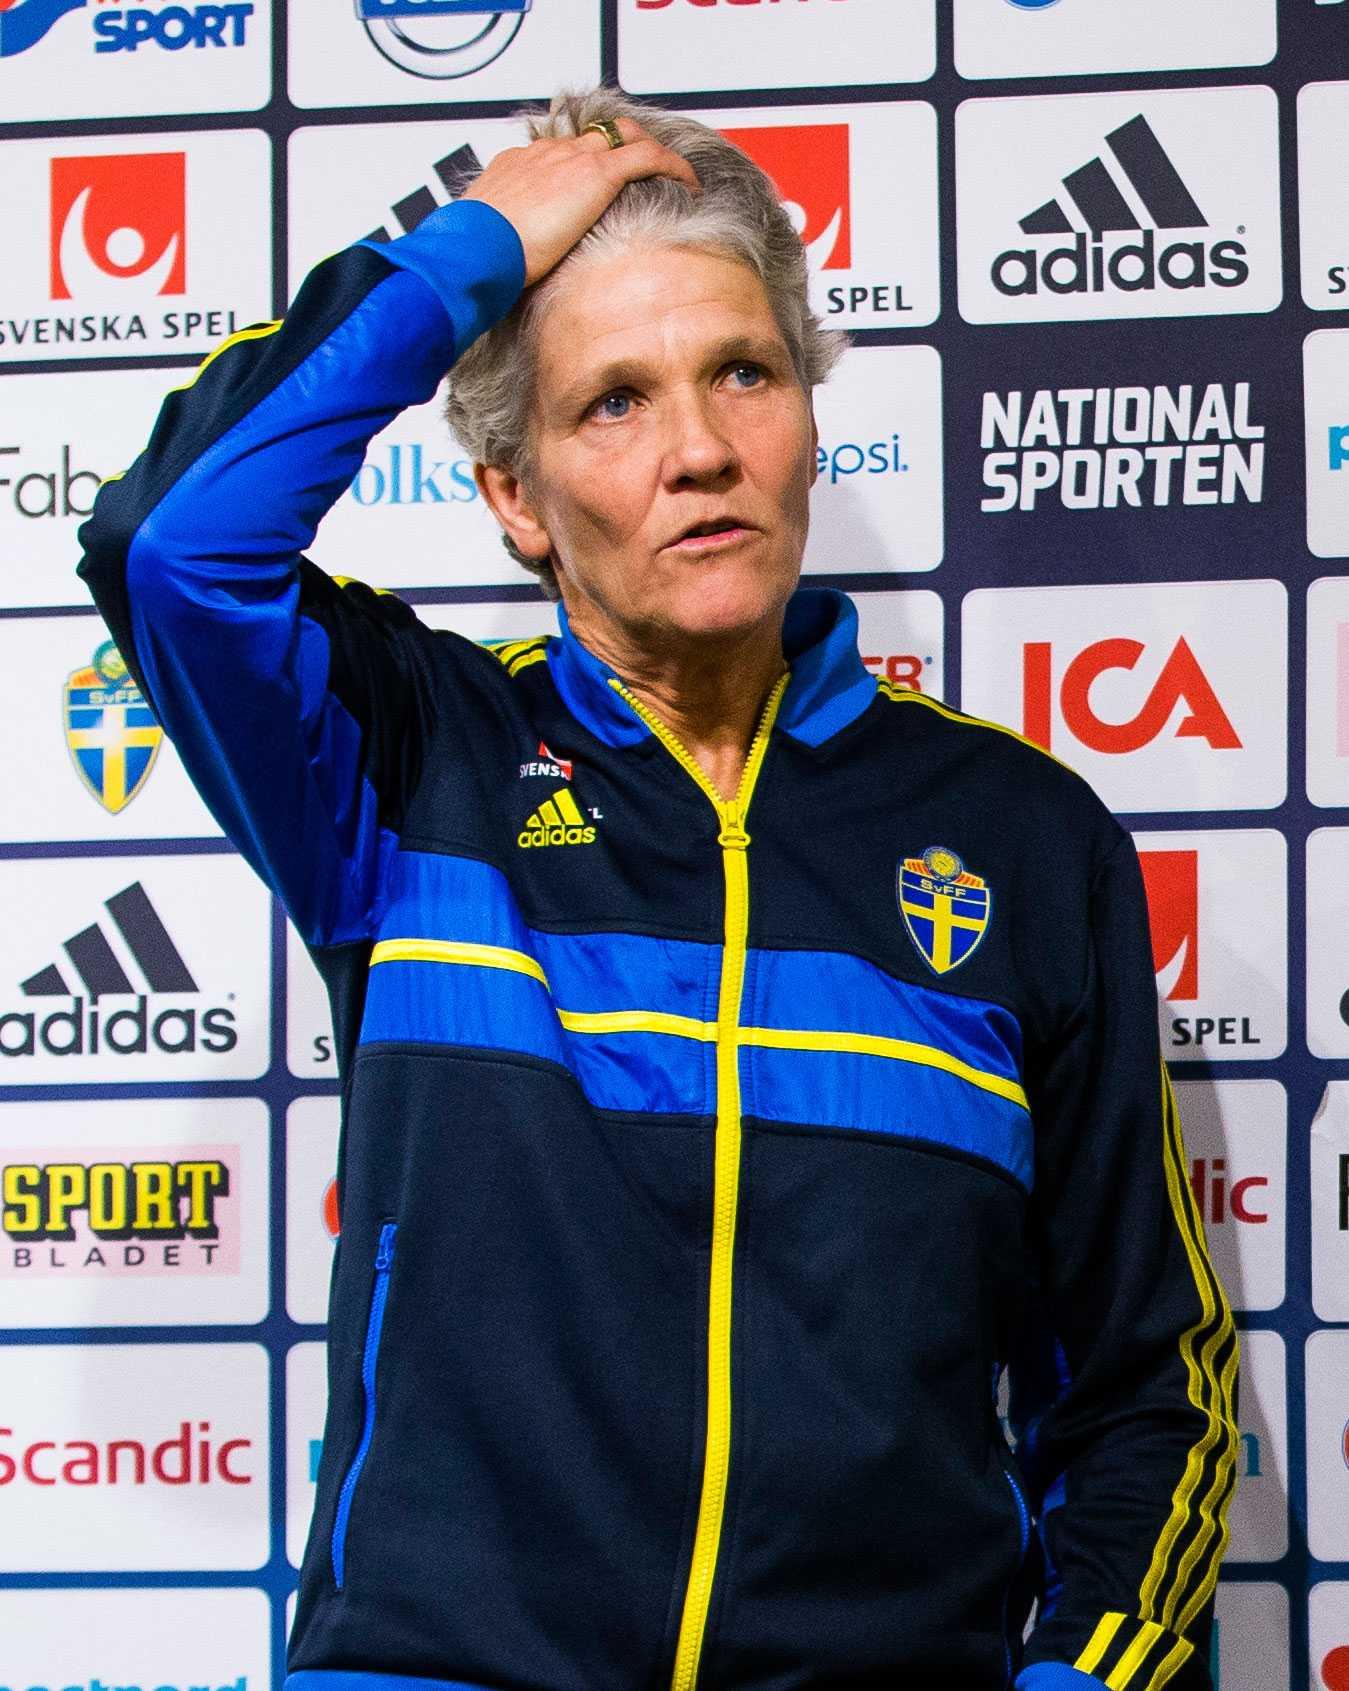 Damlandslaget blir inte toppseedat till fotbolls-VM.